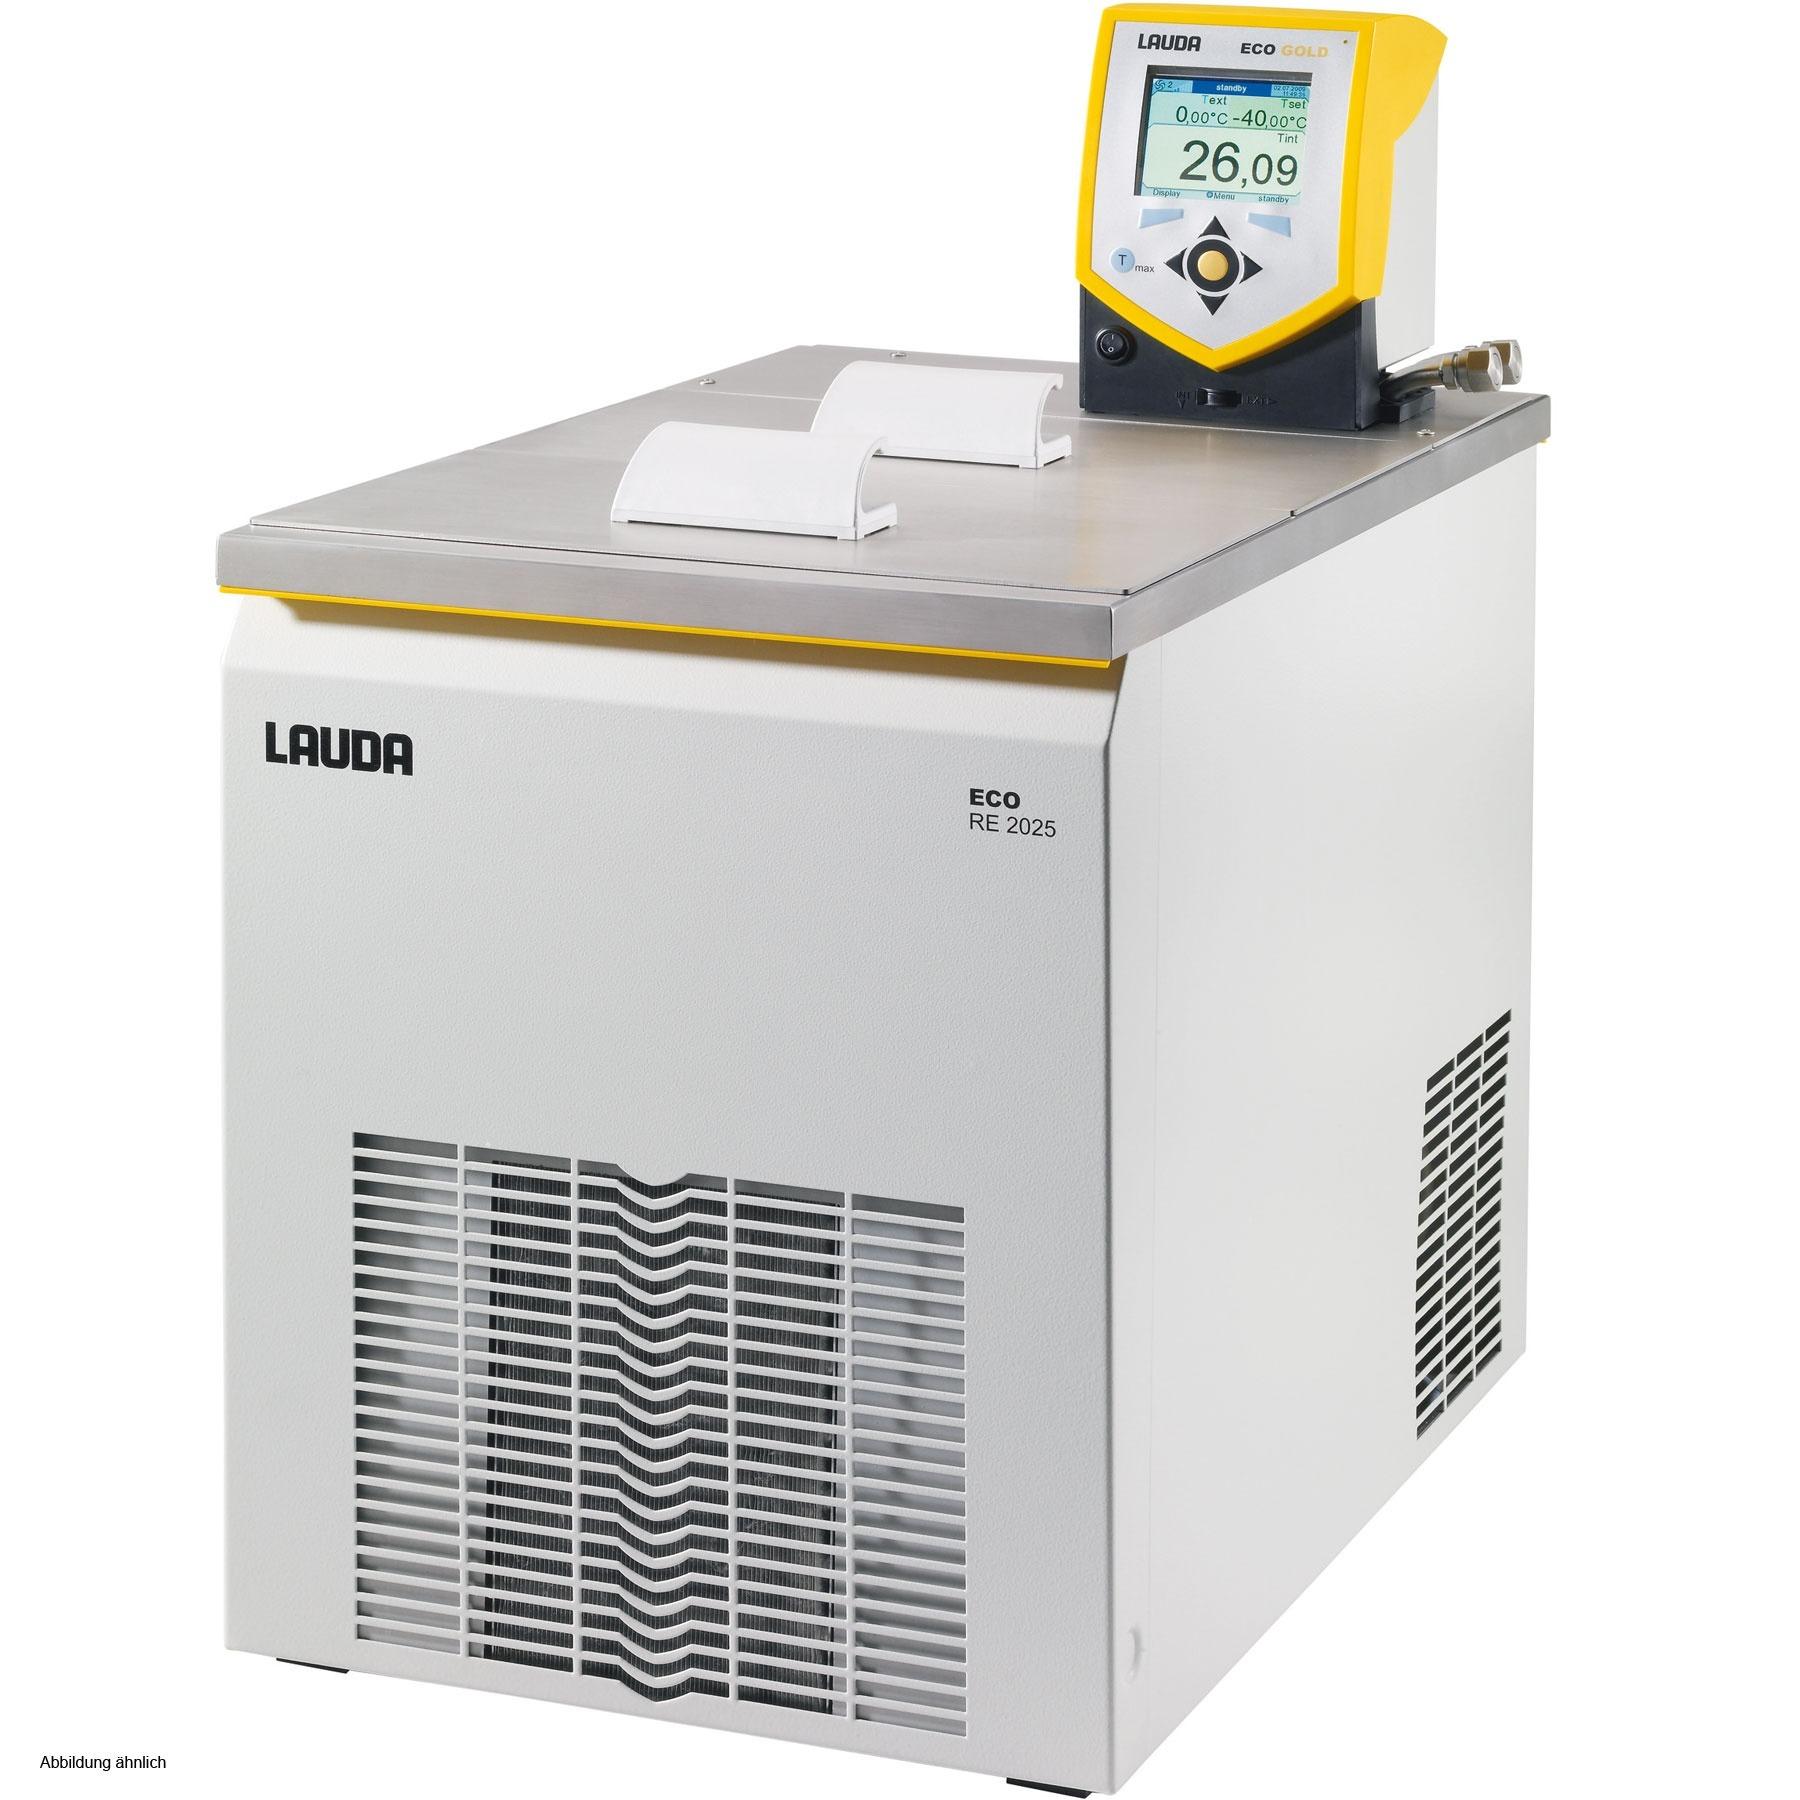 Banho termostático linha Gold - Faixa de trabalho -25 a 200°C - 14 a 20 litros - LAUDA - Cód. RE2025G